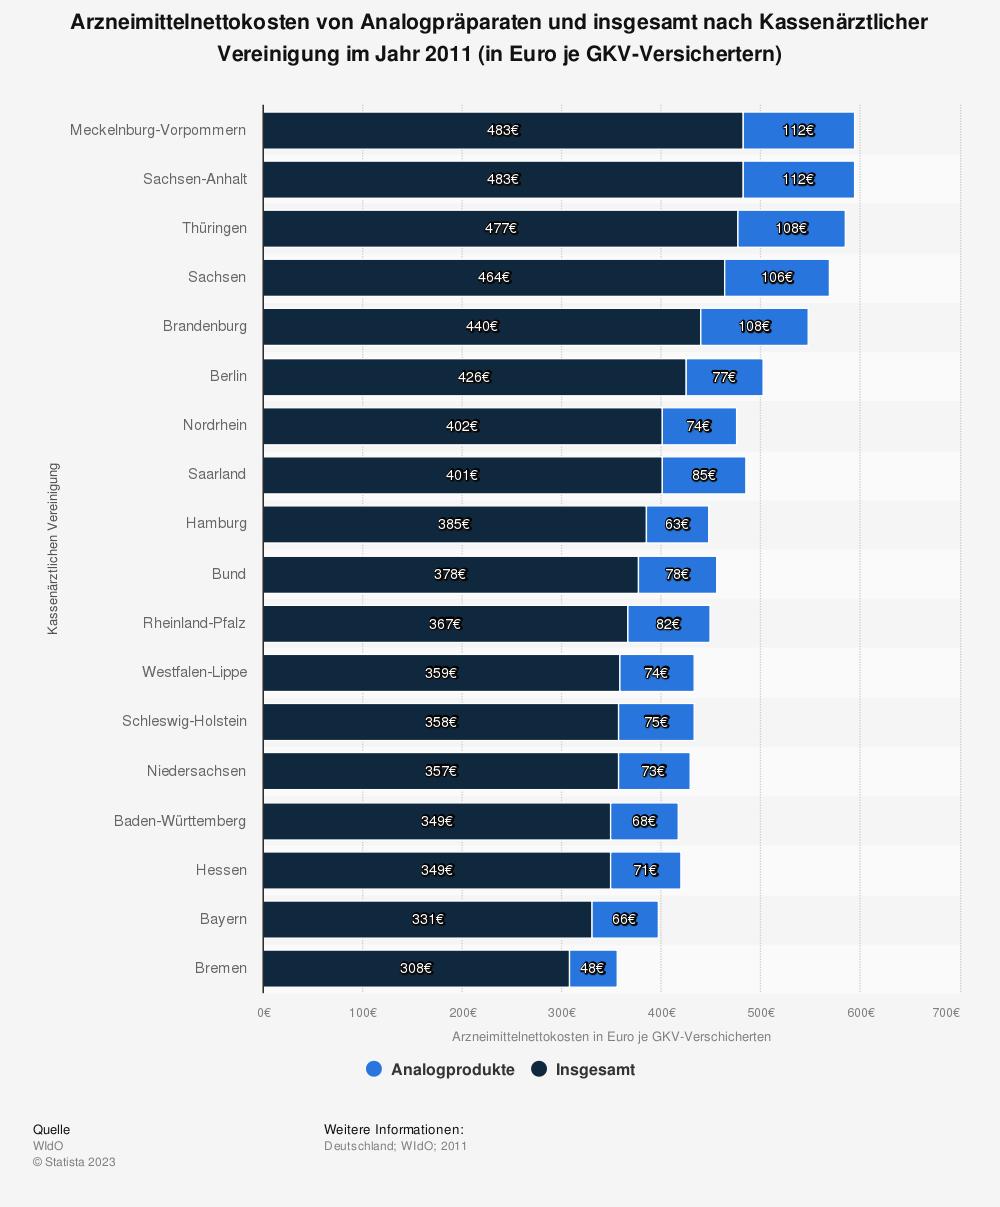 Statistik: Arzneimittelnettokosten von Analogpräparaten und insgesamt nach Kassenärztlicher Vereinigung im Jahr 2011 (in Euro je GKV-Versichertern) | Statista